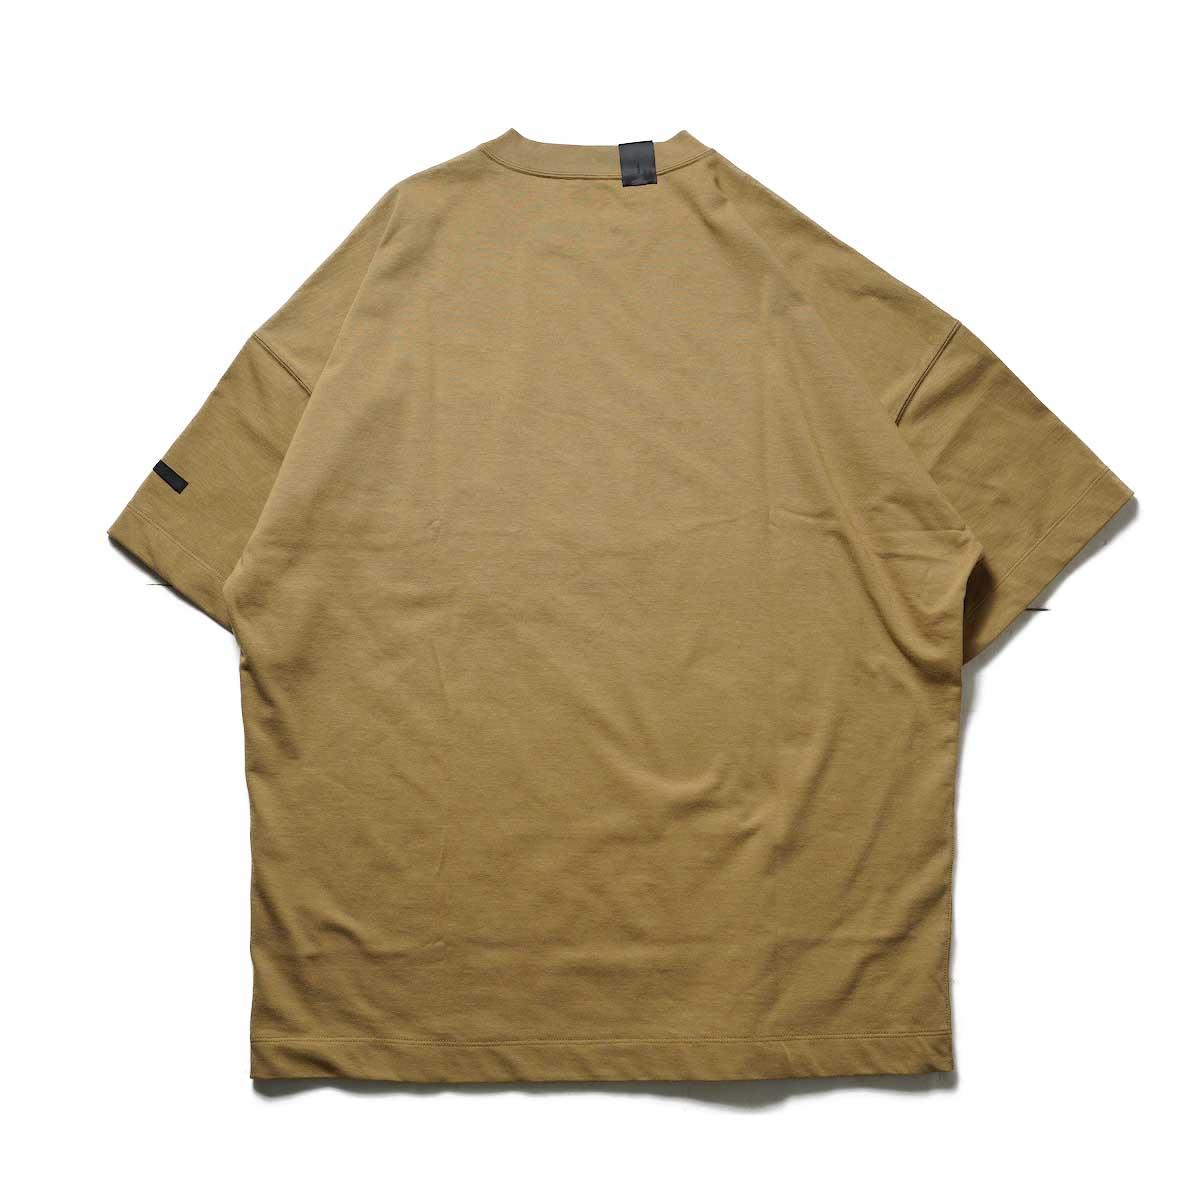 N.HOOLYWOOD / 2212-CS07-018 BIG T-Shirt (Beige)背面